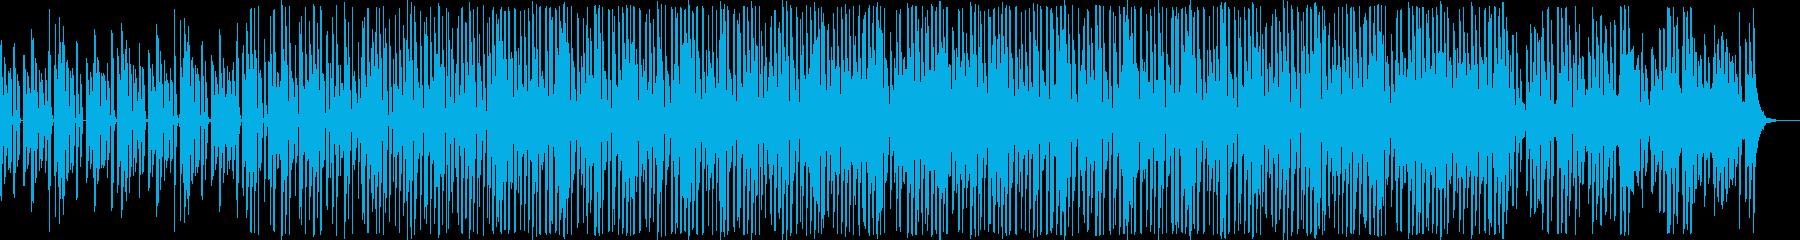 シネマティック 技術的な 静か 楽...の再生済みの波形